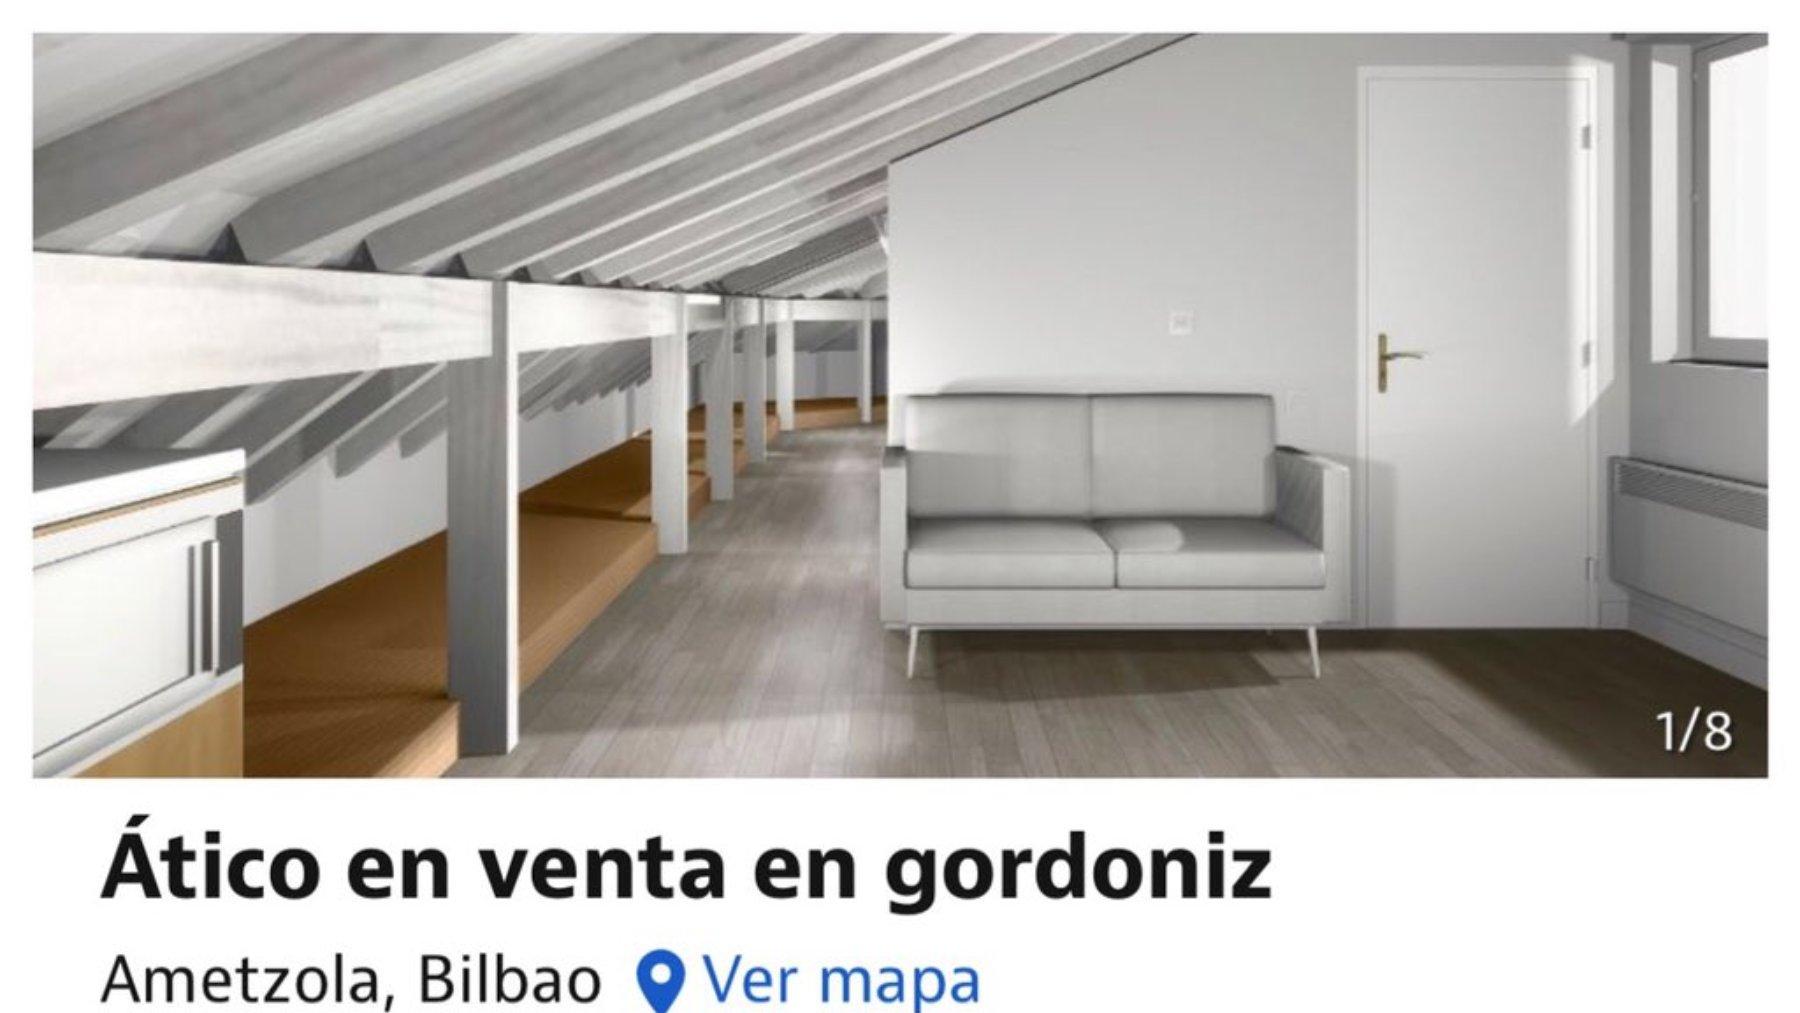 Un piso de 25 metros y los increíbles requisitos que piden para vivir en él se han convertido en Trending Topic.